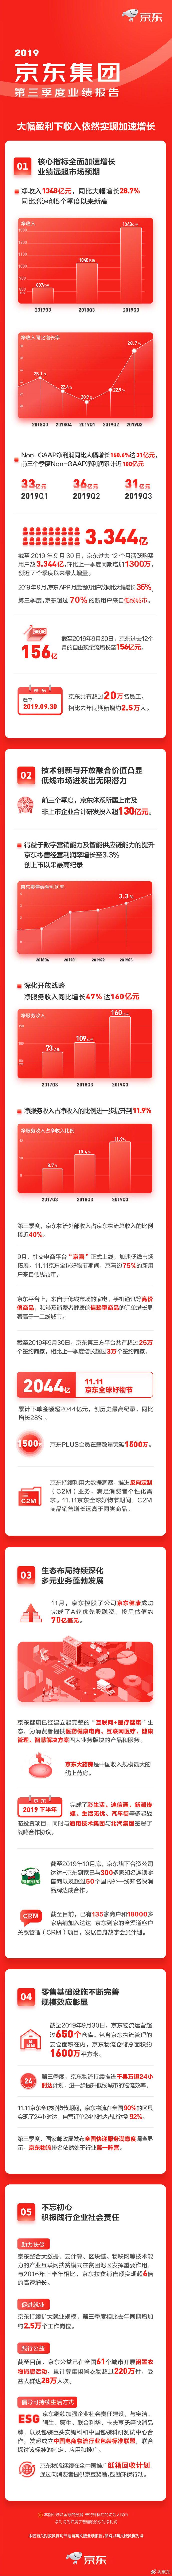 三季度净收入1348亿元同比增28.7%,京东盘前涨超7%